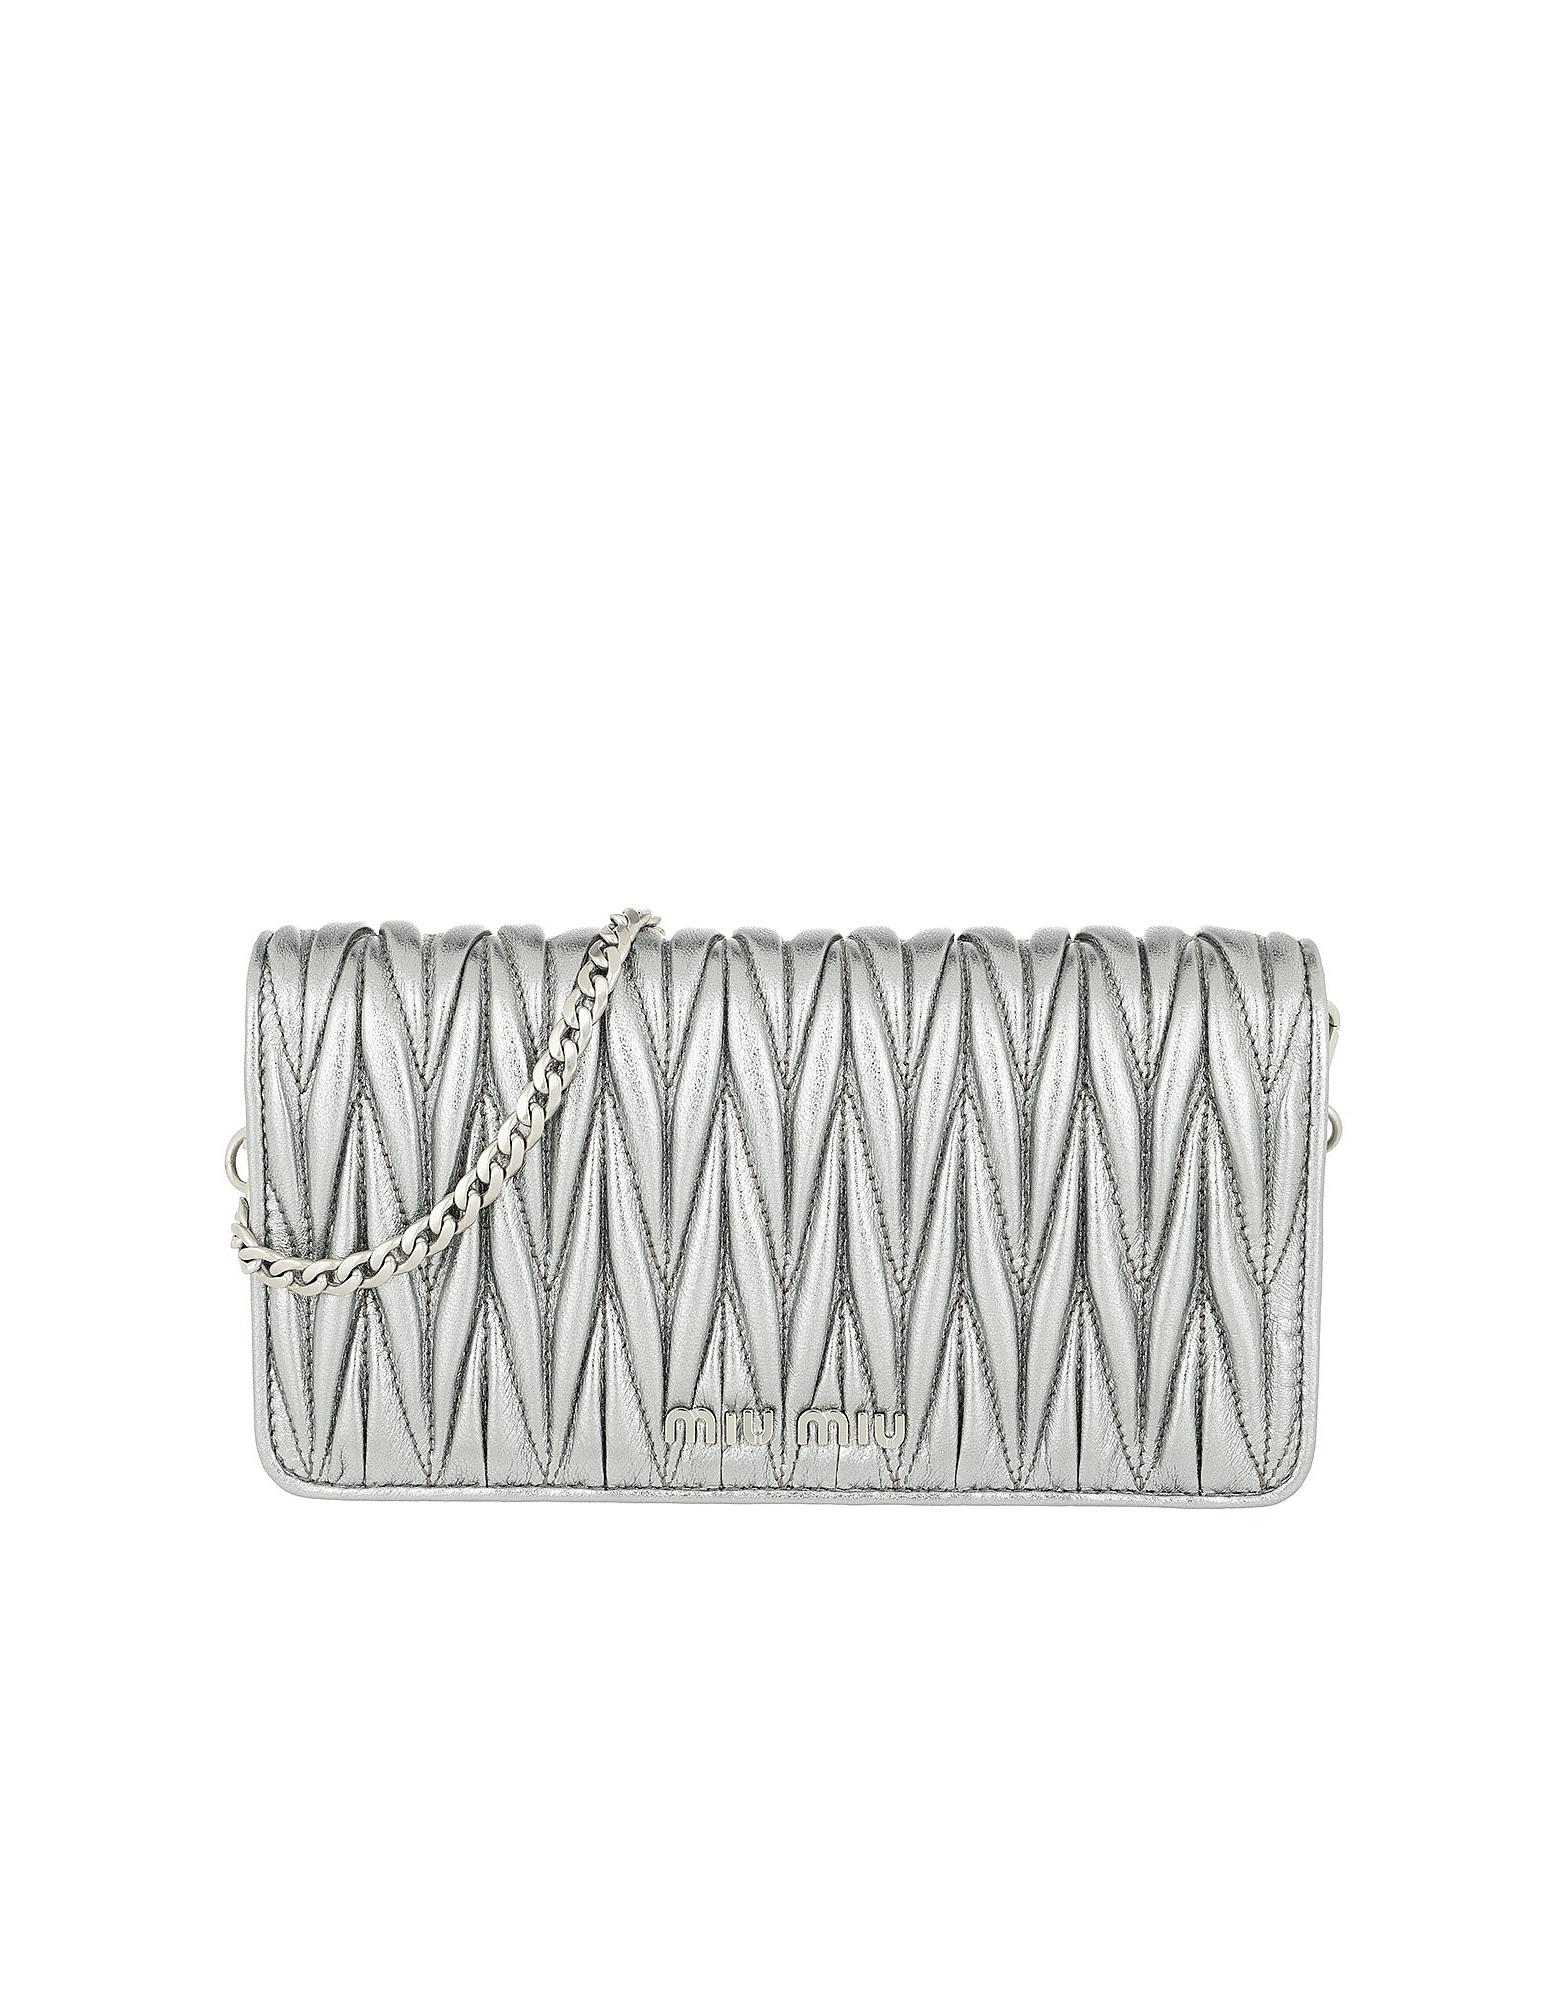 Miu Miu Handbags, Logo Wallet on Chain Cromo